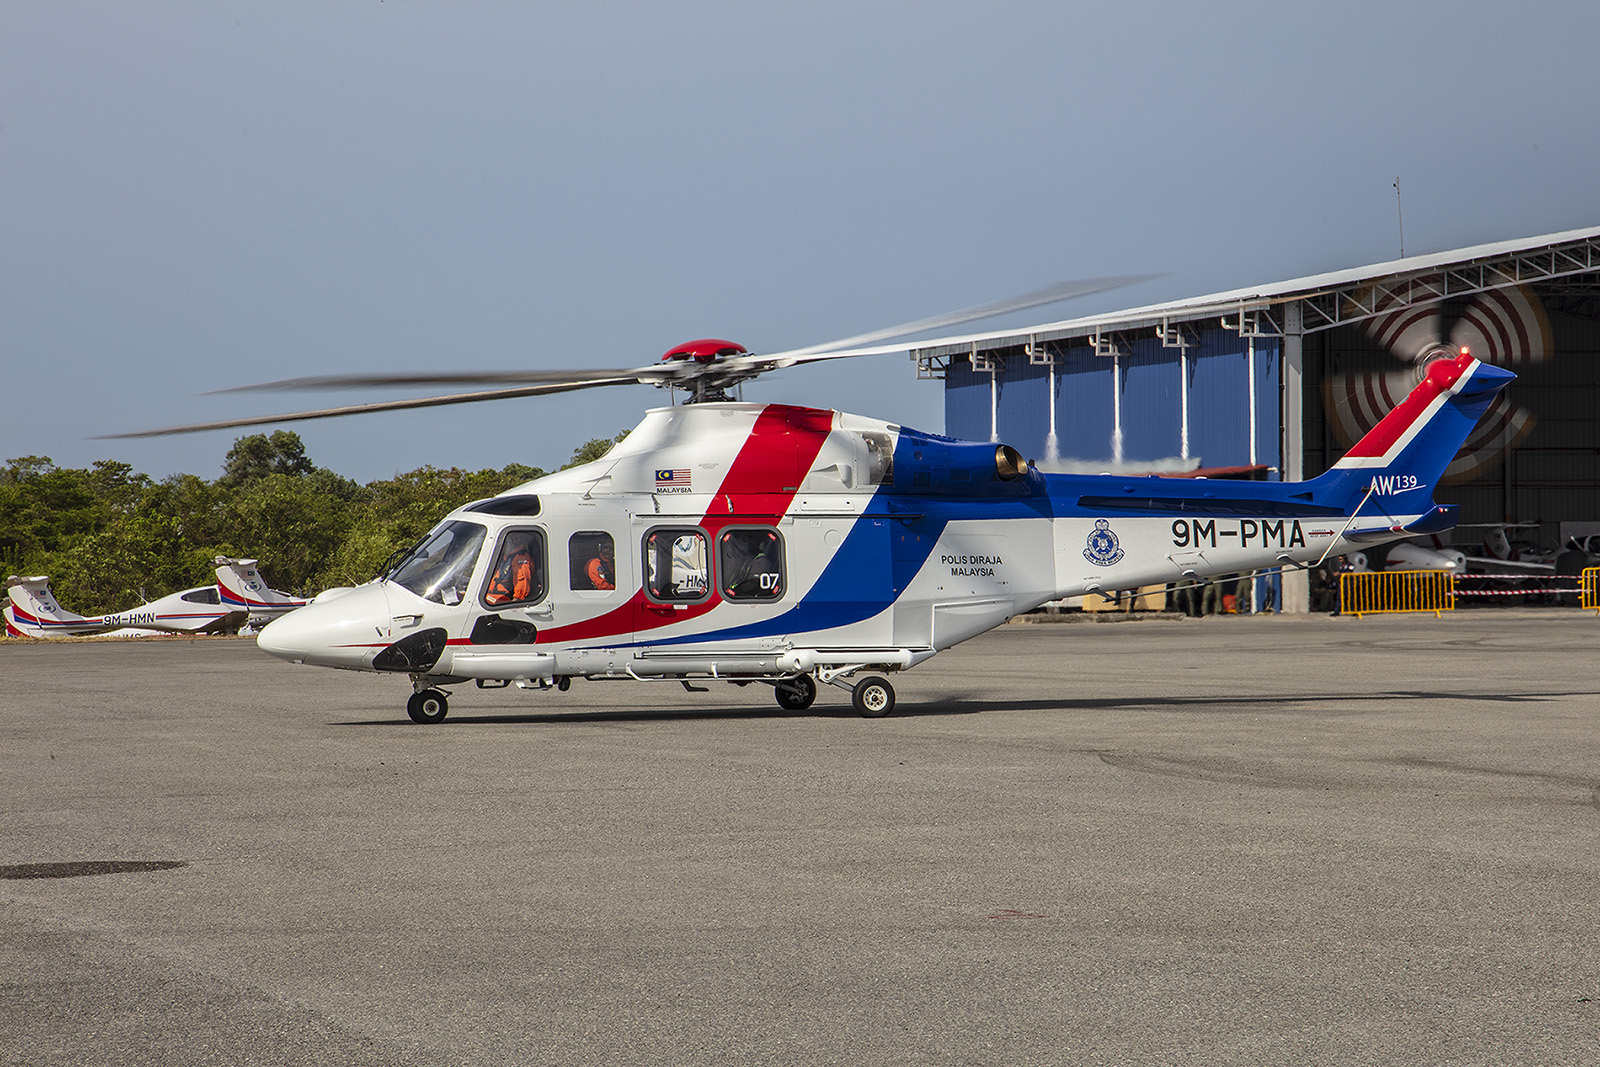 Sehr beliebt in Malaysia sind die Agusta/Westland AW139, hier eine der Polizei.